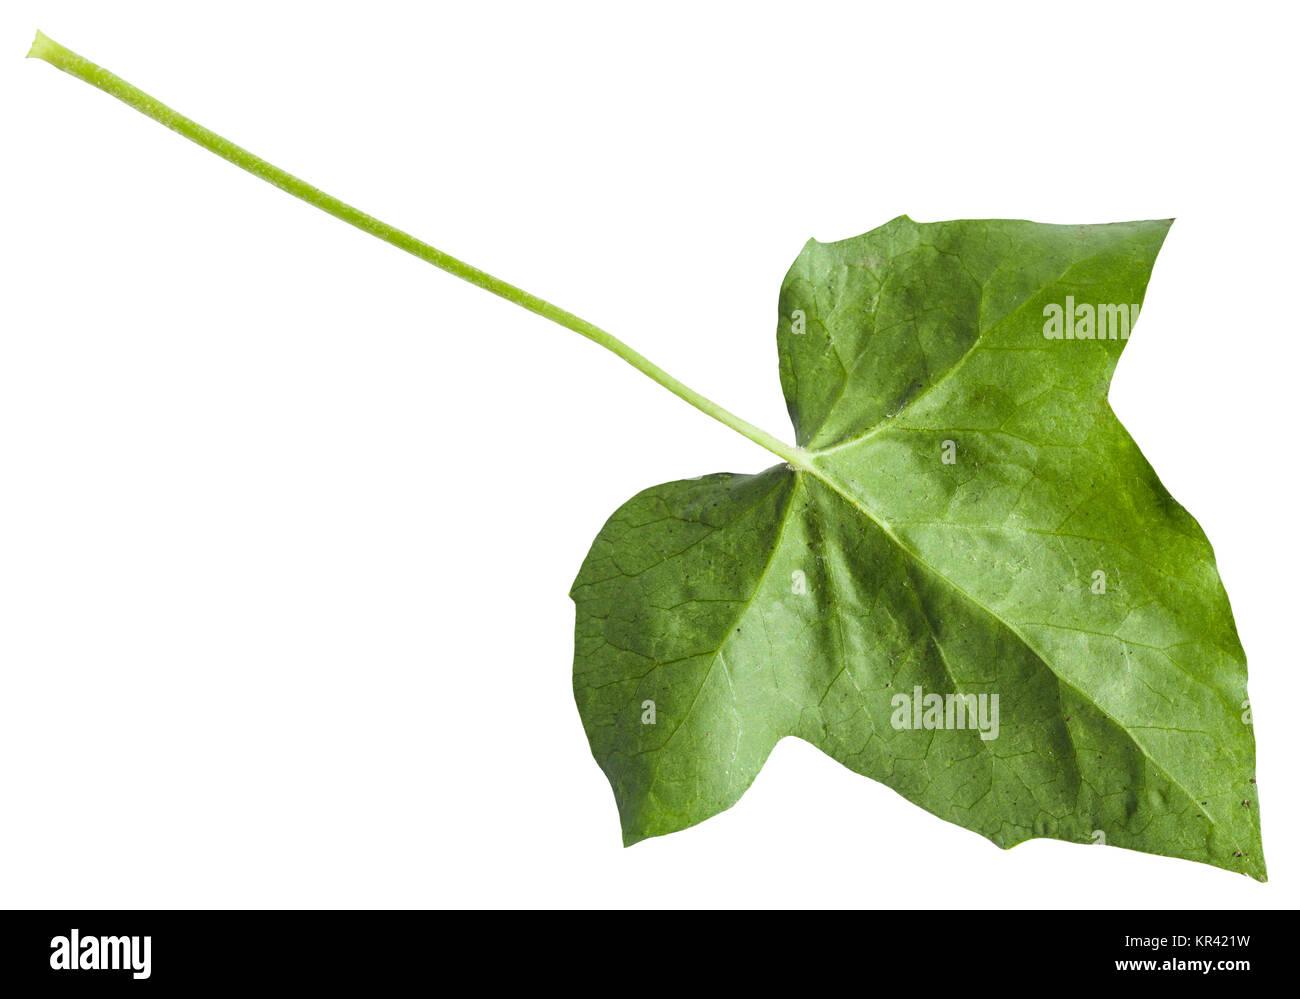 Rückseite Der Grünen Blatt Der Hedera (Efeu) Pflanze